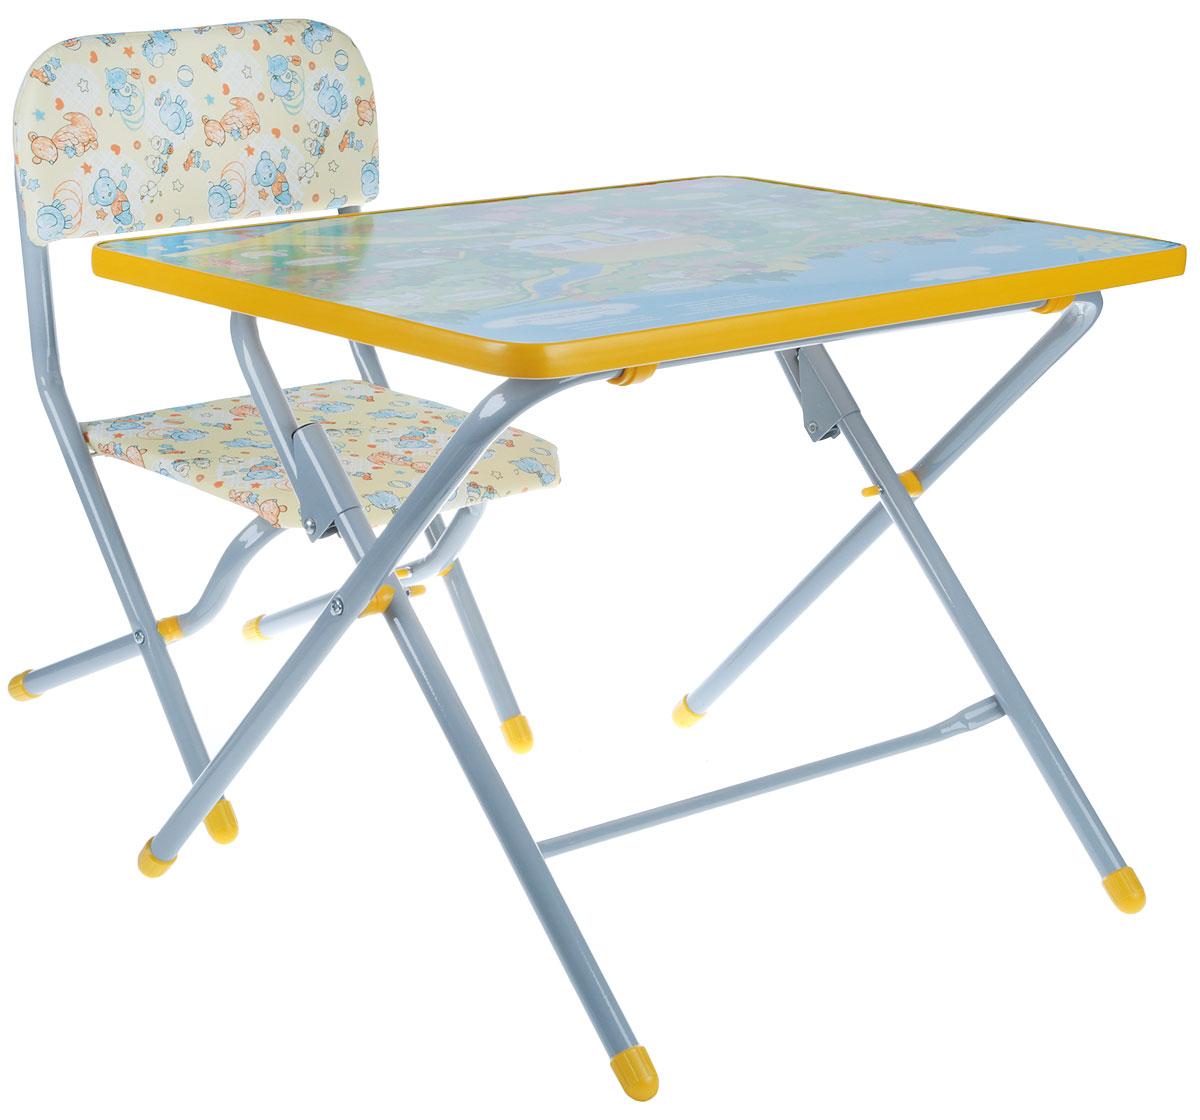 Фея Набор детской складной мебели Досуг Веселая ферма цвет желтый